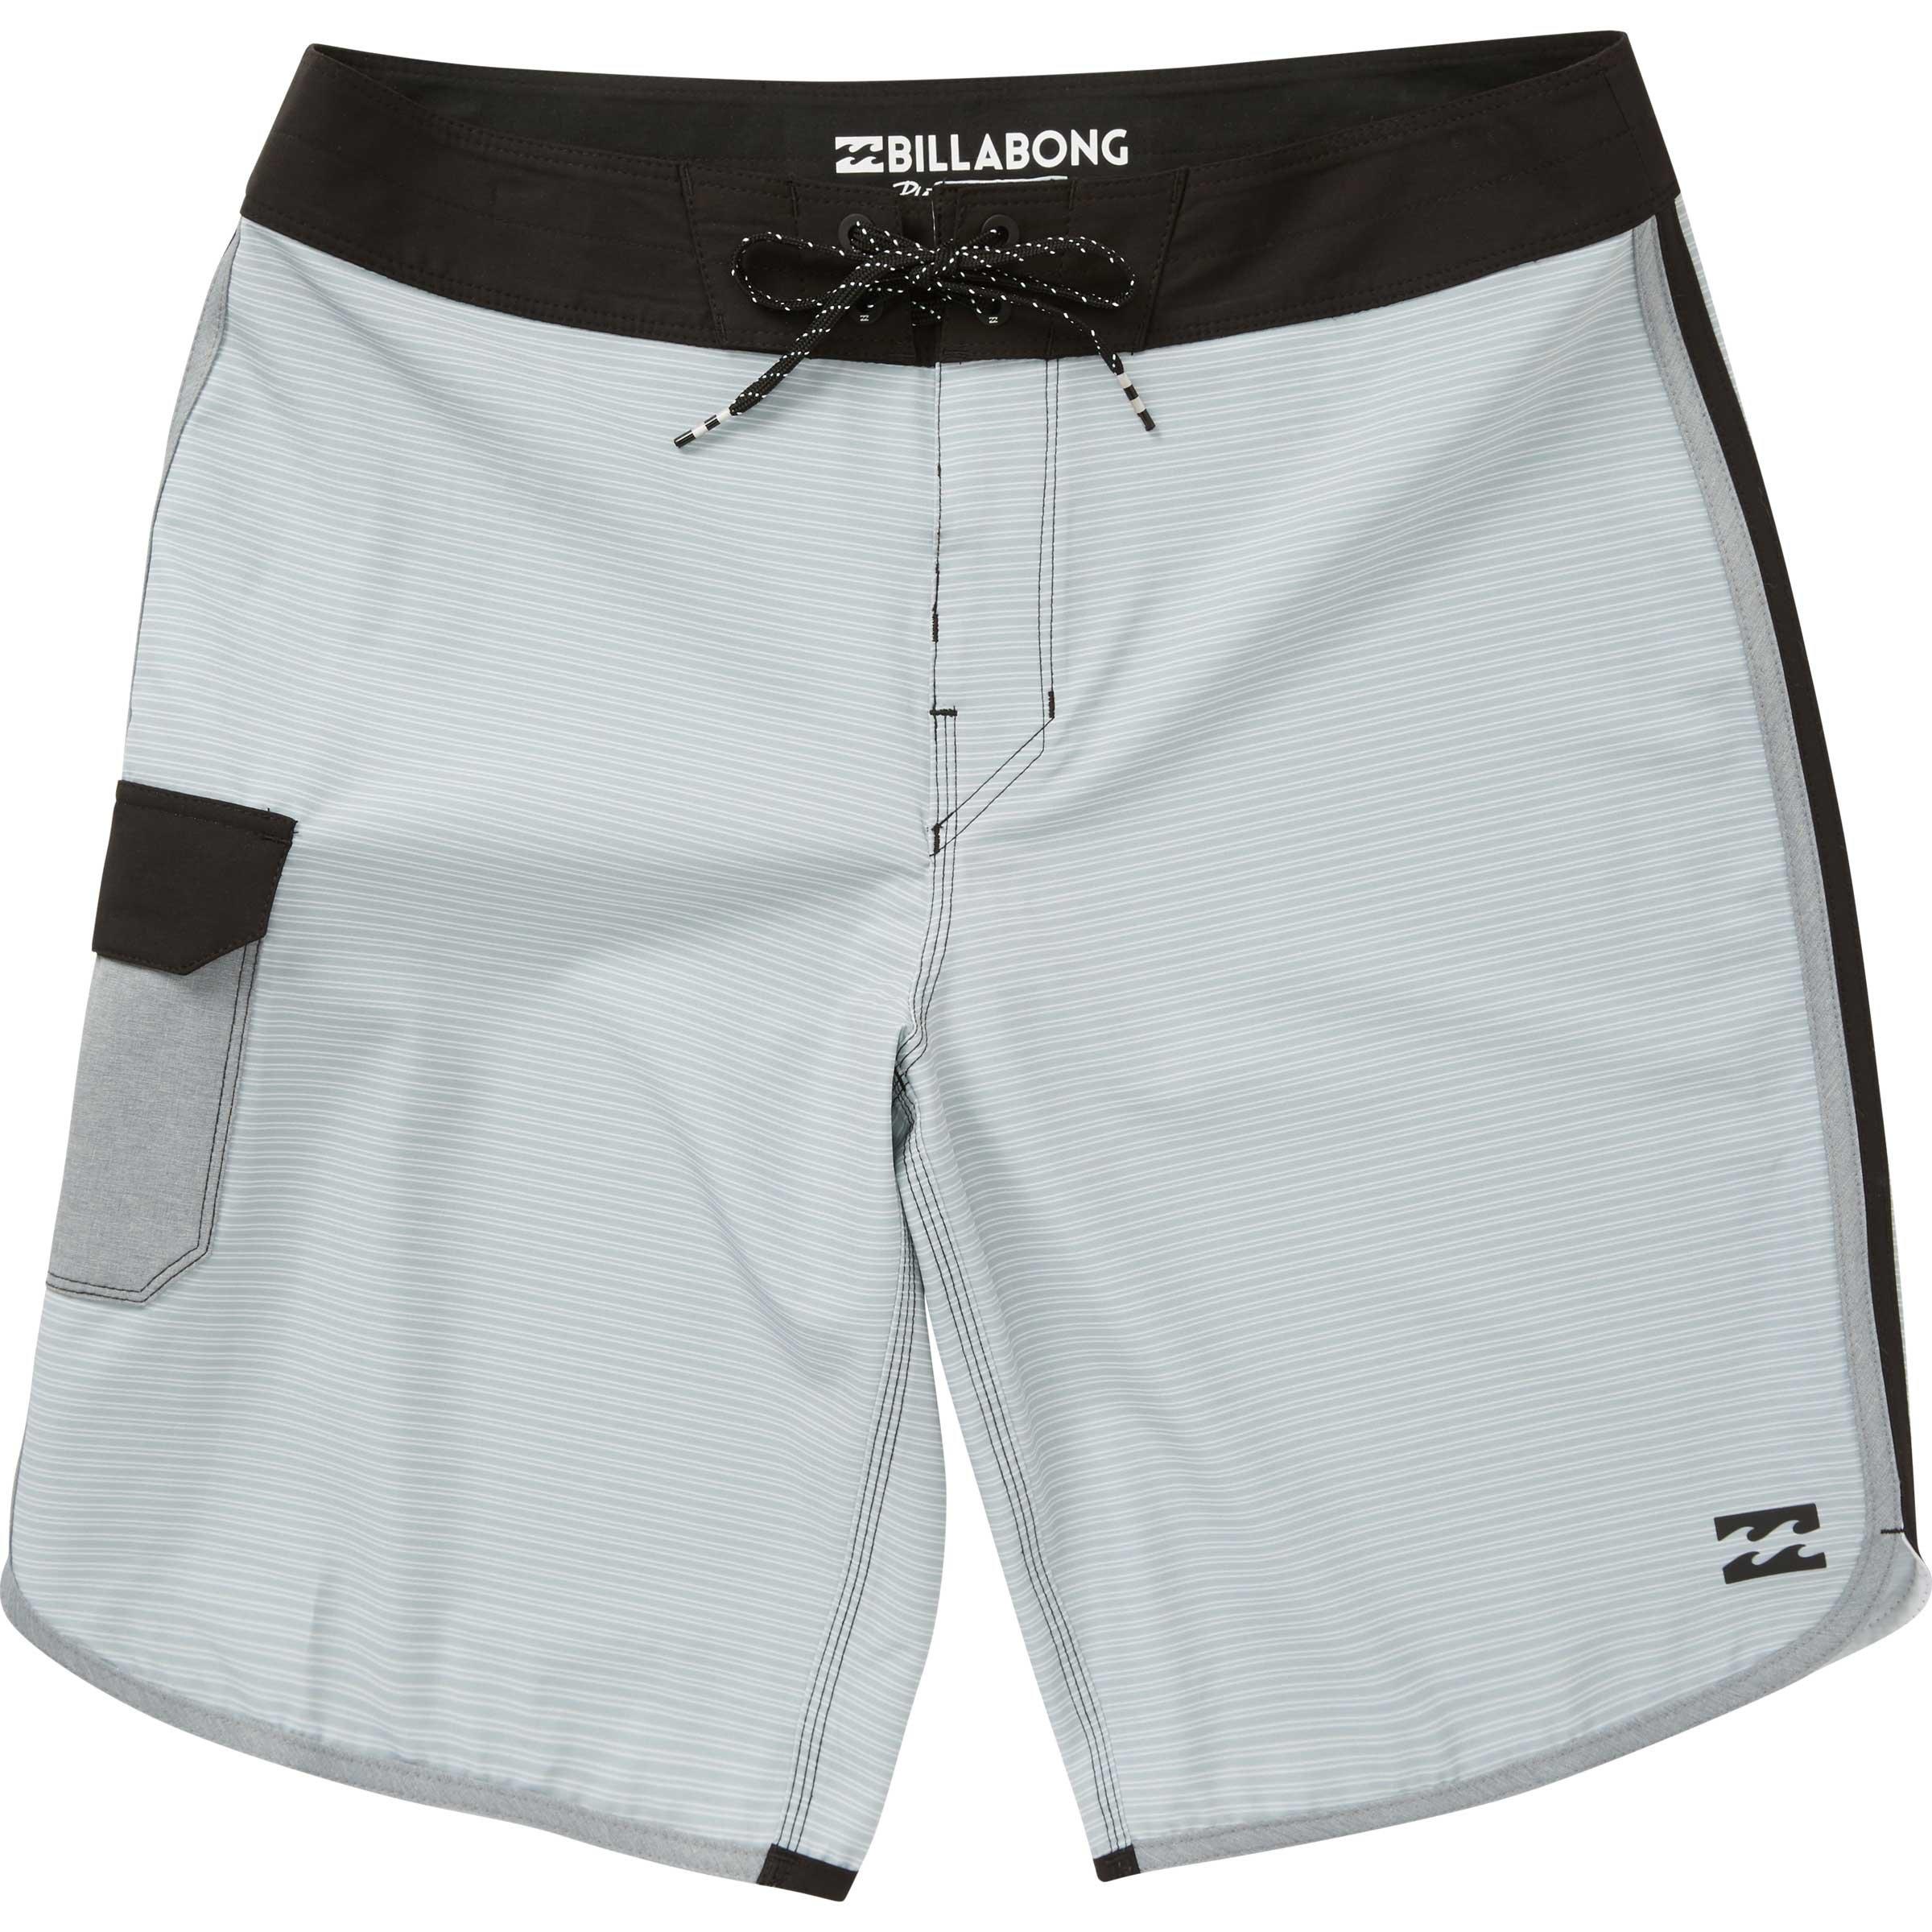 Billabong Men's 73 X Short Boardshort, Silver, 36